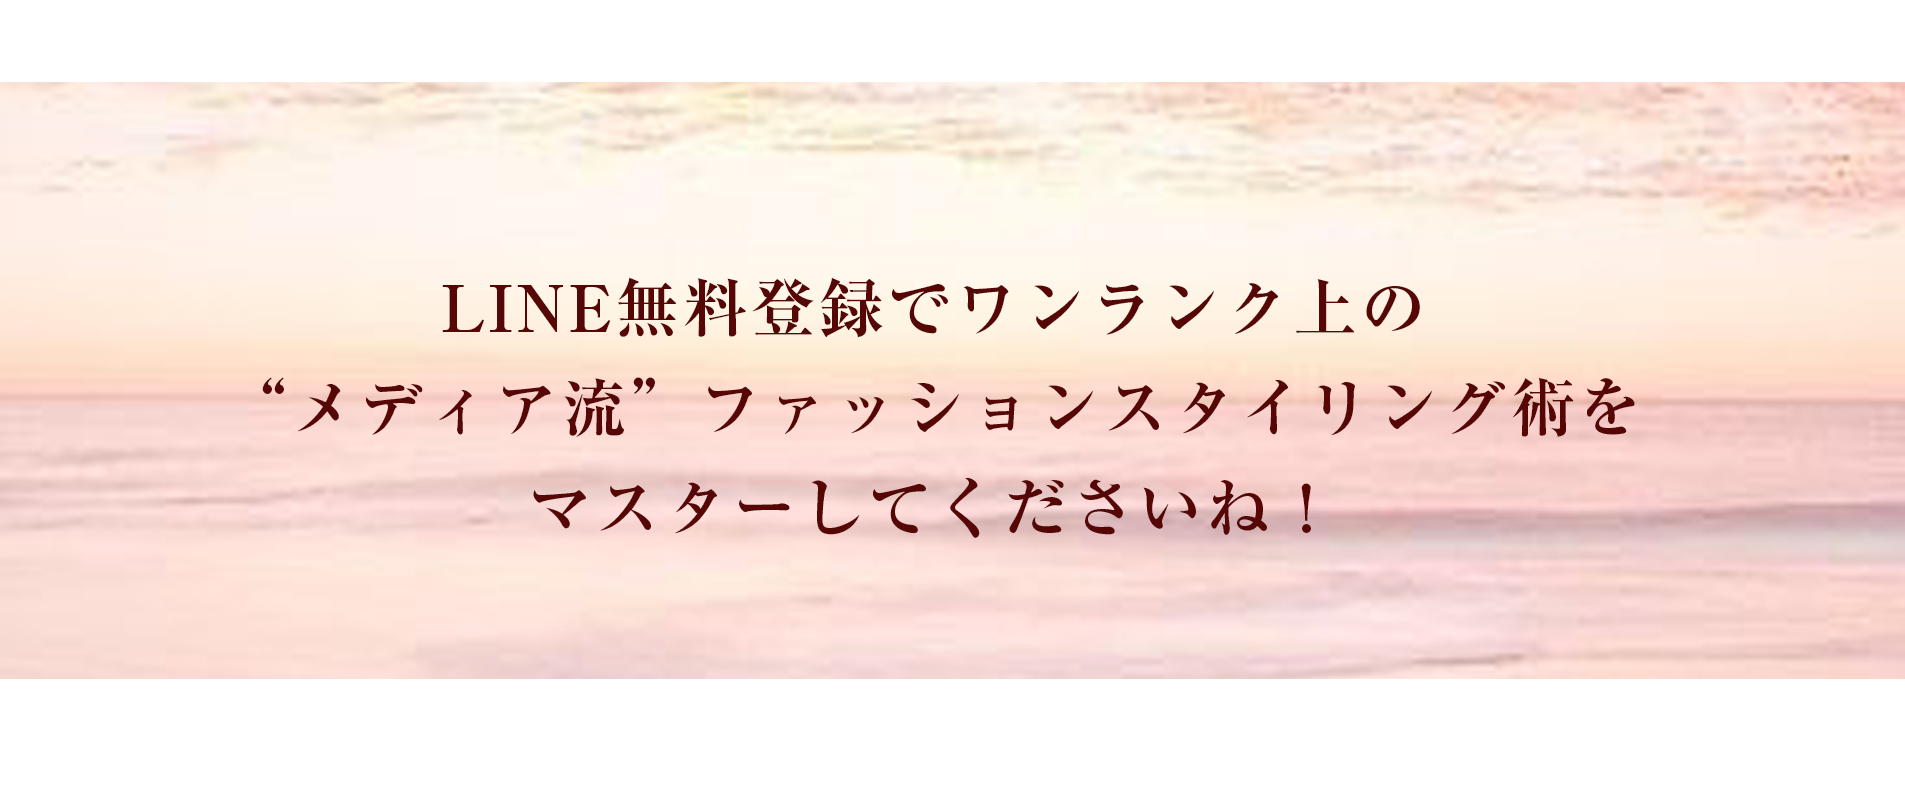 yokoikegami_thanks_09